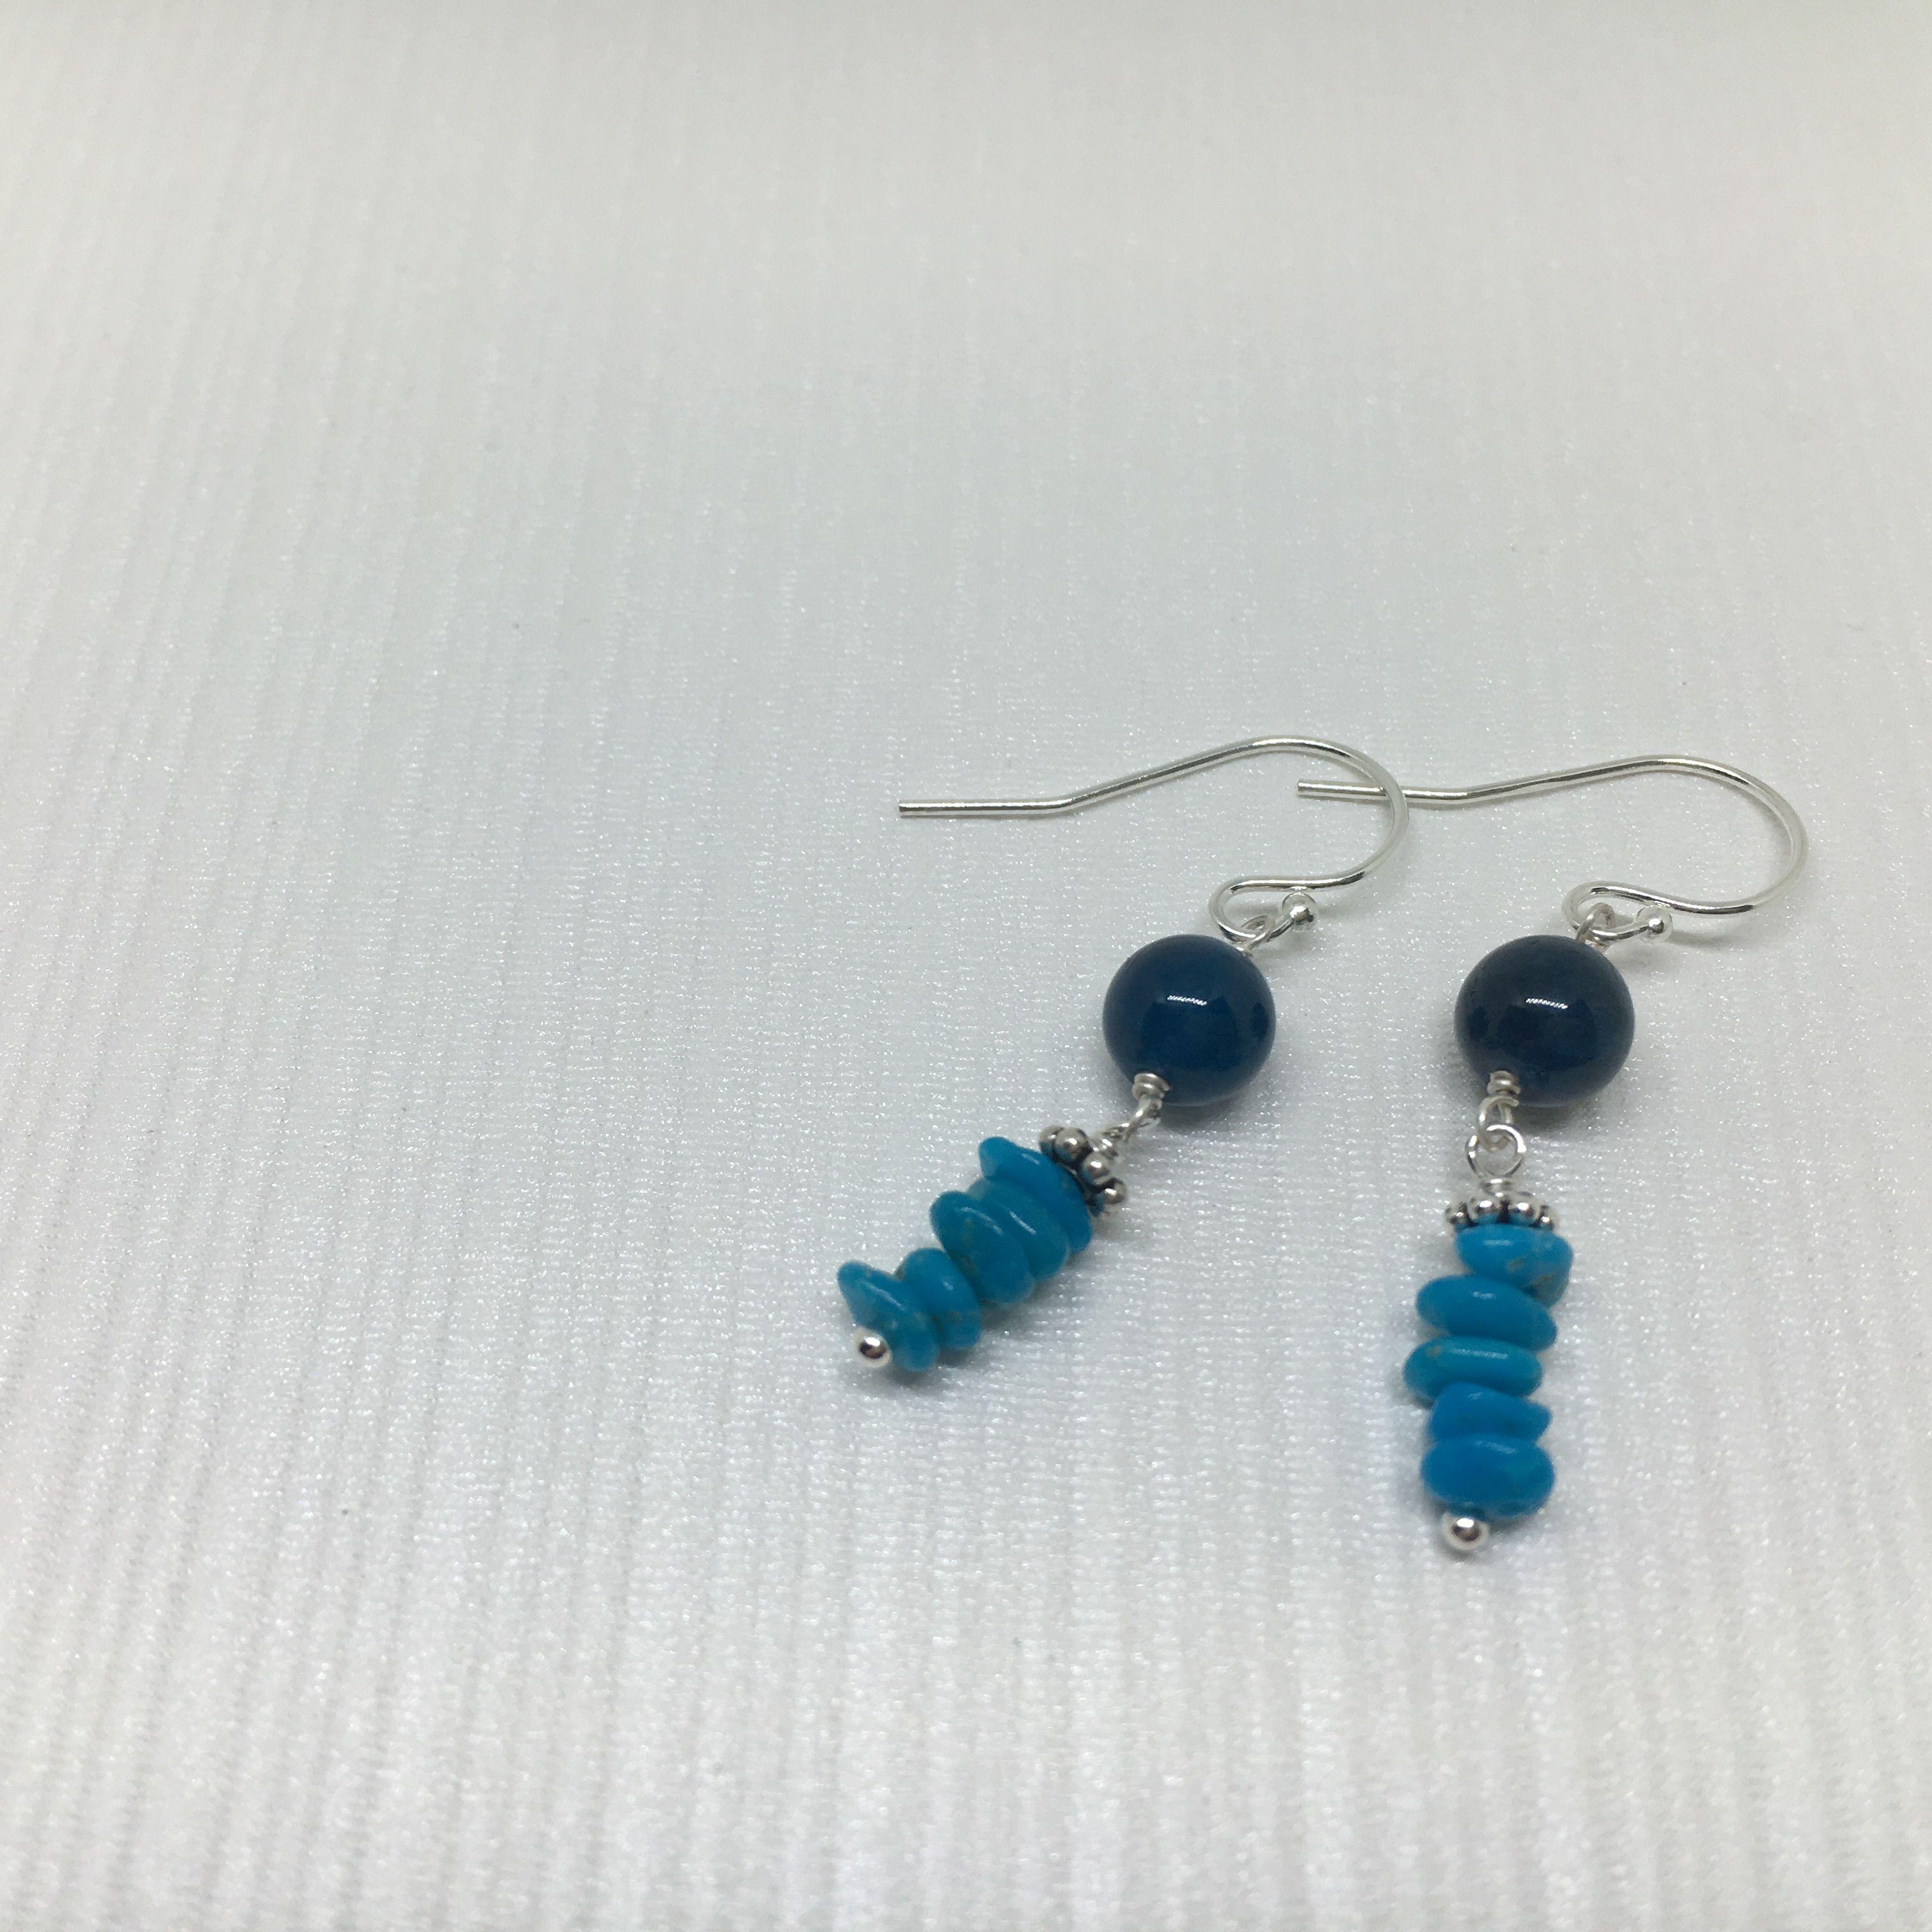 【Ao】ブルーアパタイト と ターコイズ の シルバーピアス